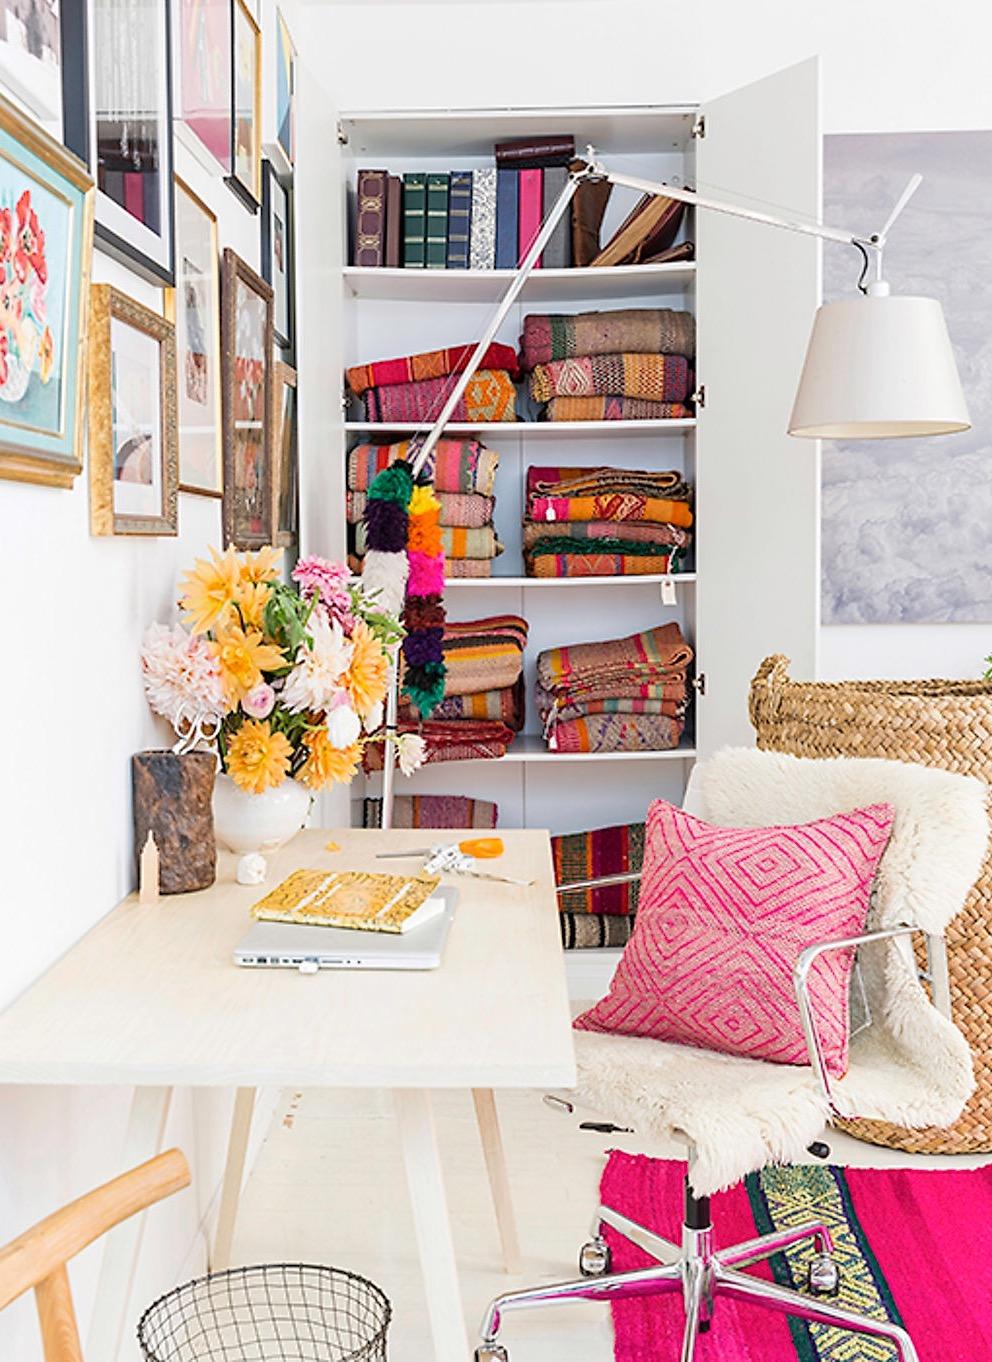 стол рабочее кресло корзина ниша встроенный шкаф полки текстиль